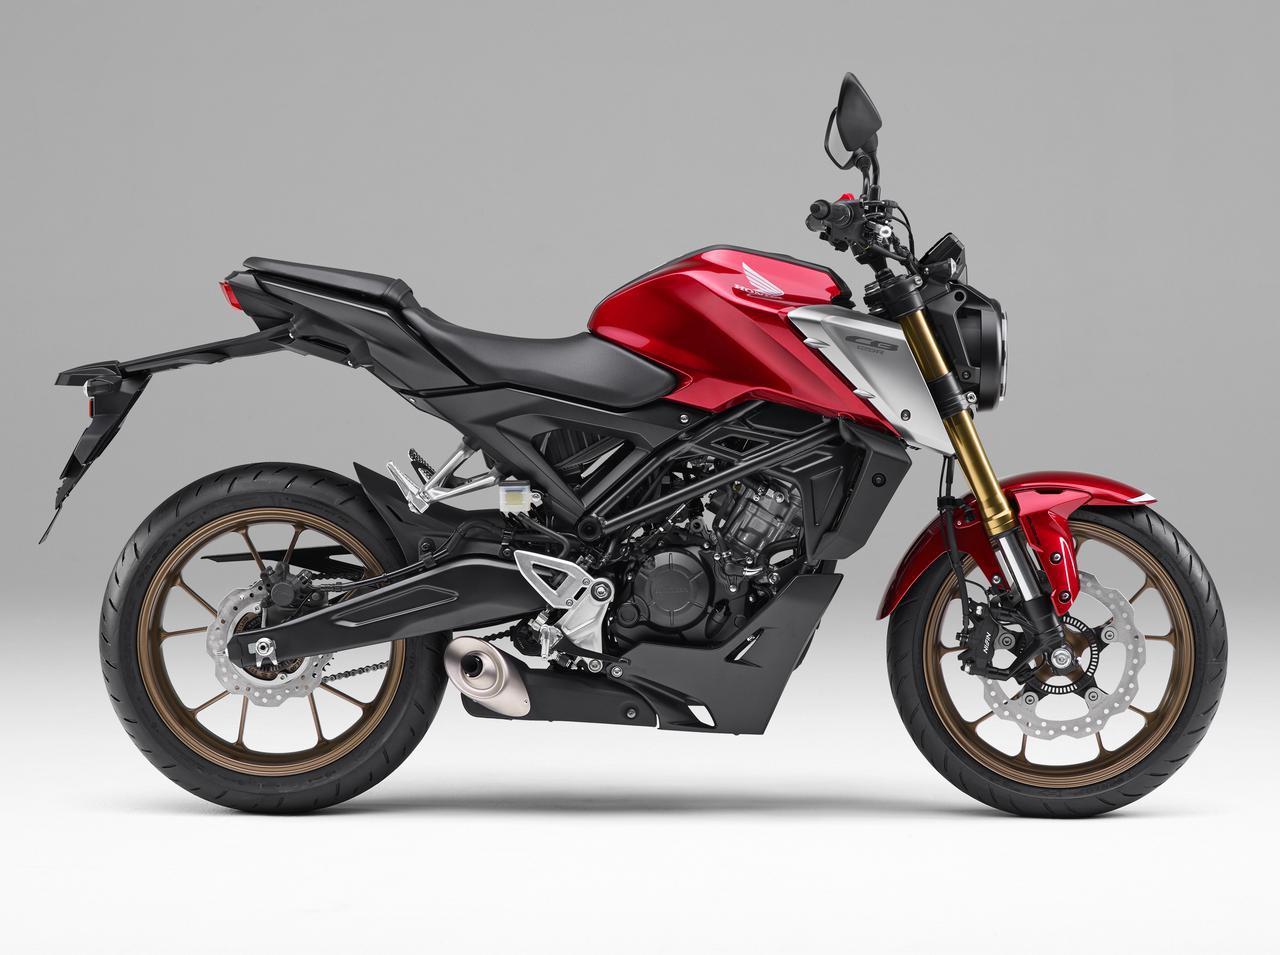 画像: Honda CB125R ホンダからリリースされている、CB1000Rを頂点とする新世代CBシリーズのエントリーモデル。2021年4月にモデルチェンジを受け、DOHC4バルブエンジンを搭載し、厳しい排ガス規制に対応しながらも最高出力を15PSにまで高められた。フロントにはCB650Rなどに採用されている、SHOWA製SFF−BPフォークを新たに採用するなど、上級装備が惜しみなく投入された最新モデル。 総排気量:124cc エンジン形式:水冷4ストDOHC4バルブ単気筒 シート高:815mm 車両重量:130kg 税込価格:47万3000円